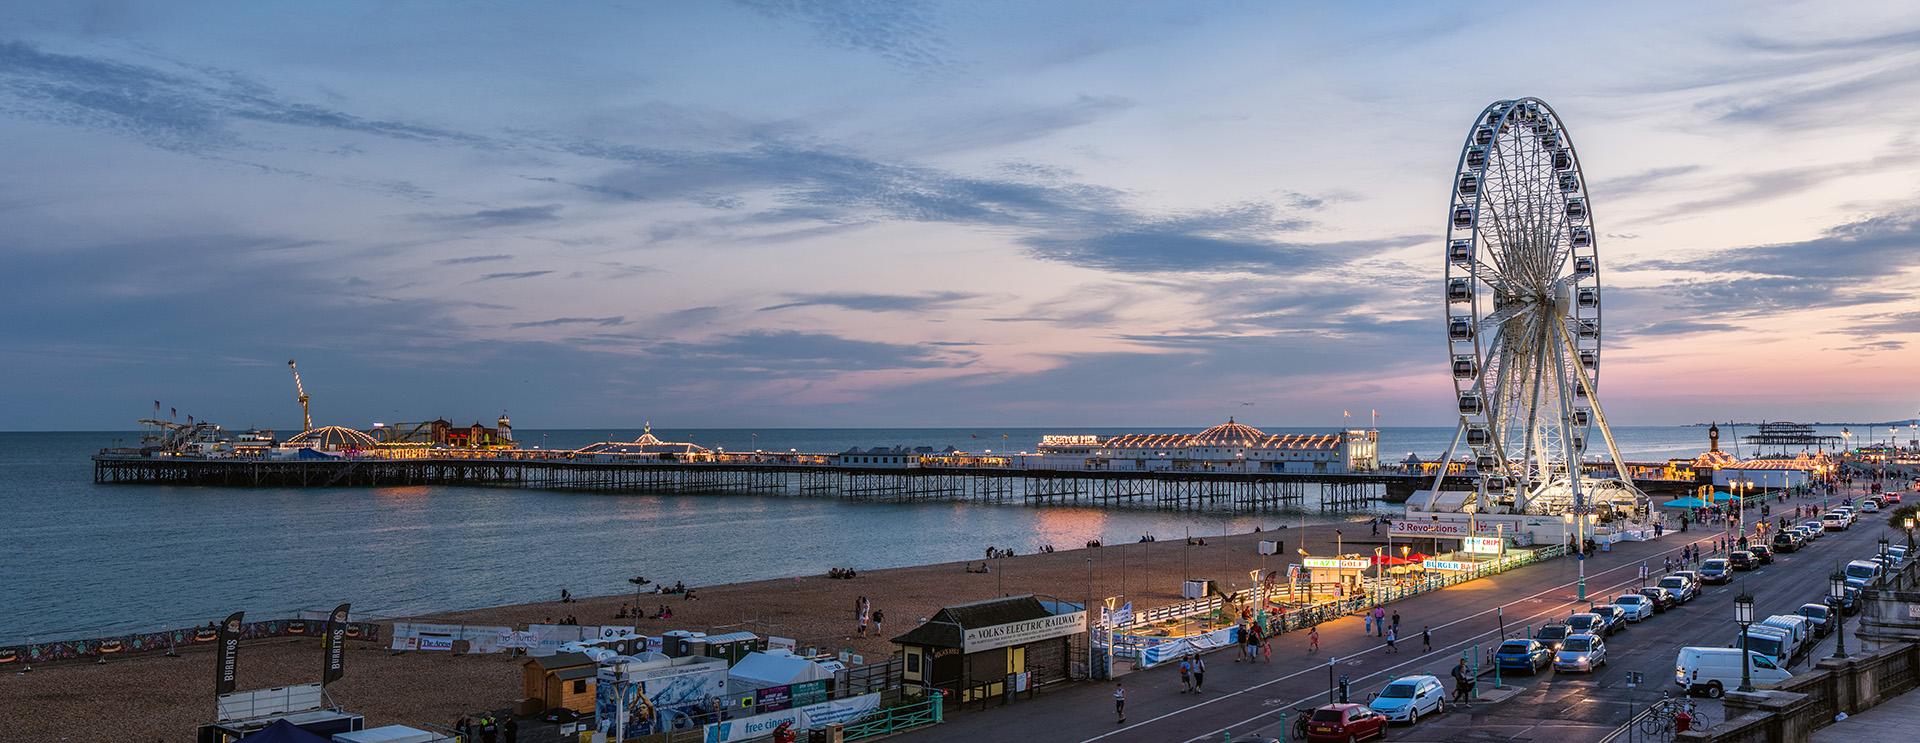 un'esperienza a Brighton che ti cambia la vita.